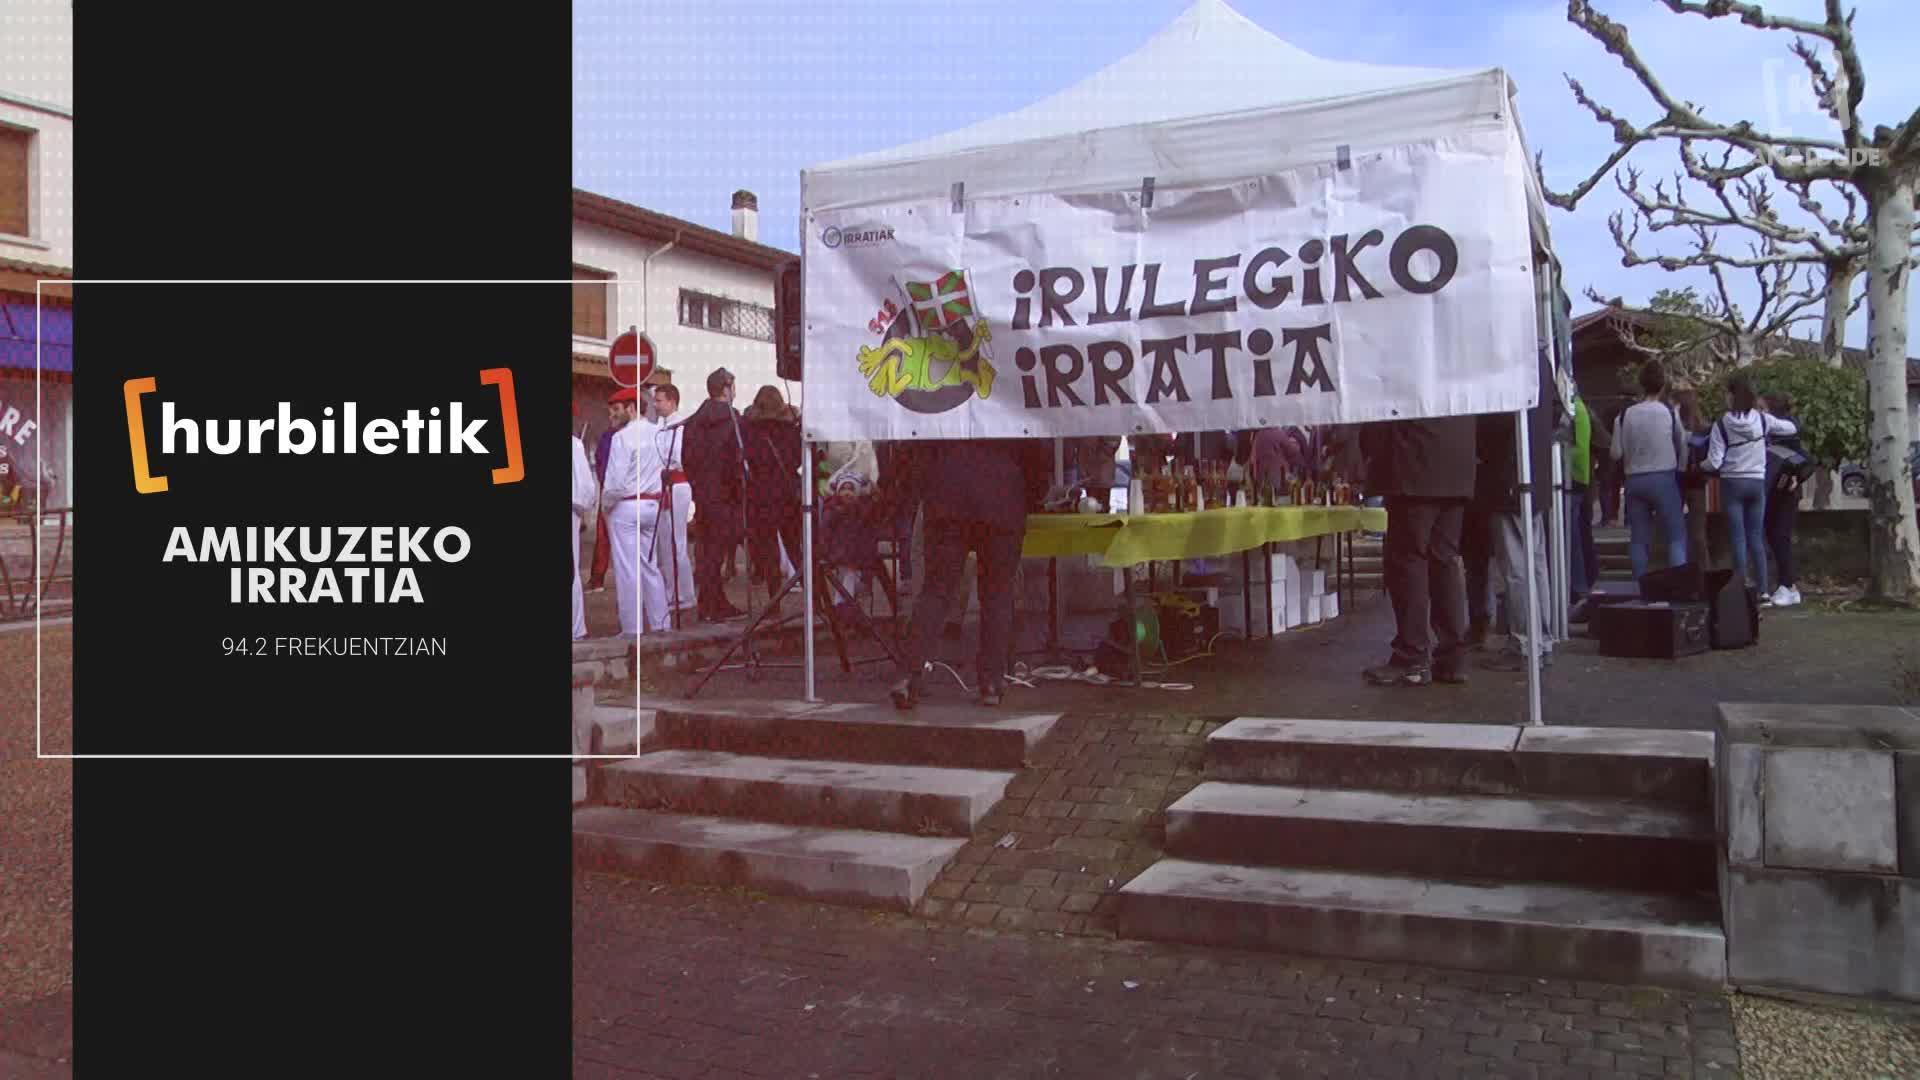 HURBILETIK - Amikuzeko Irratia